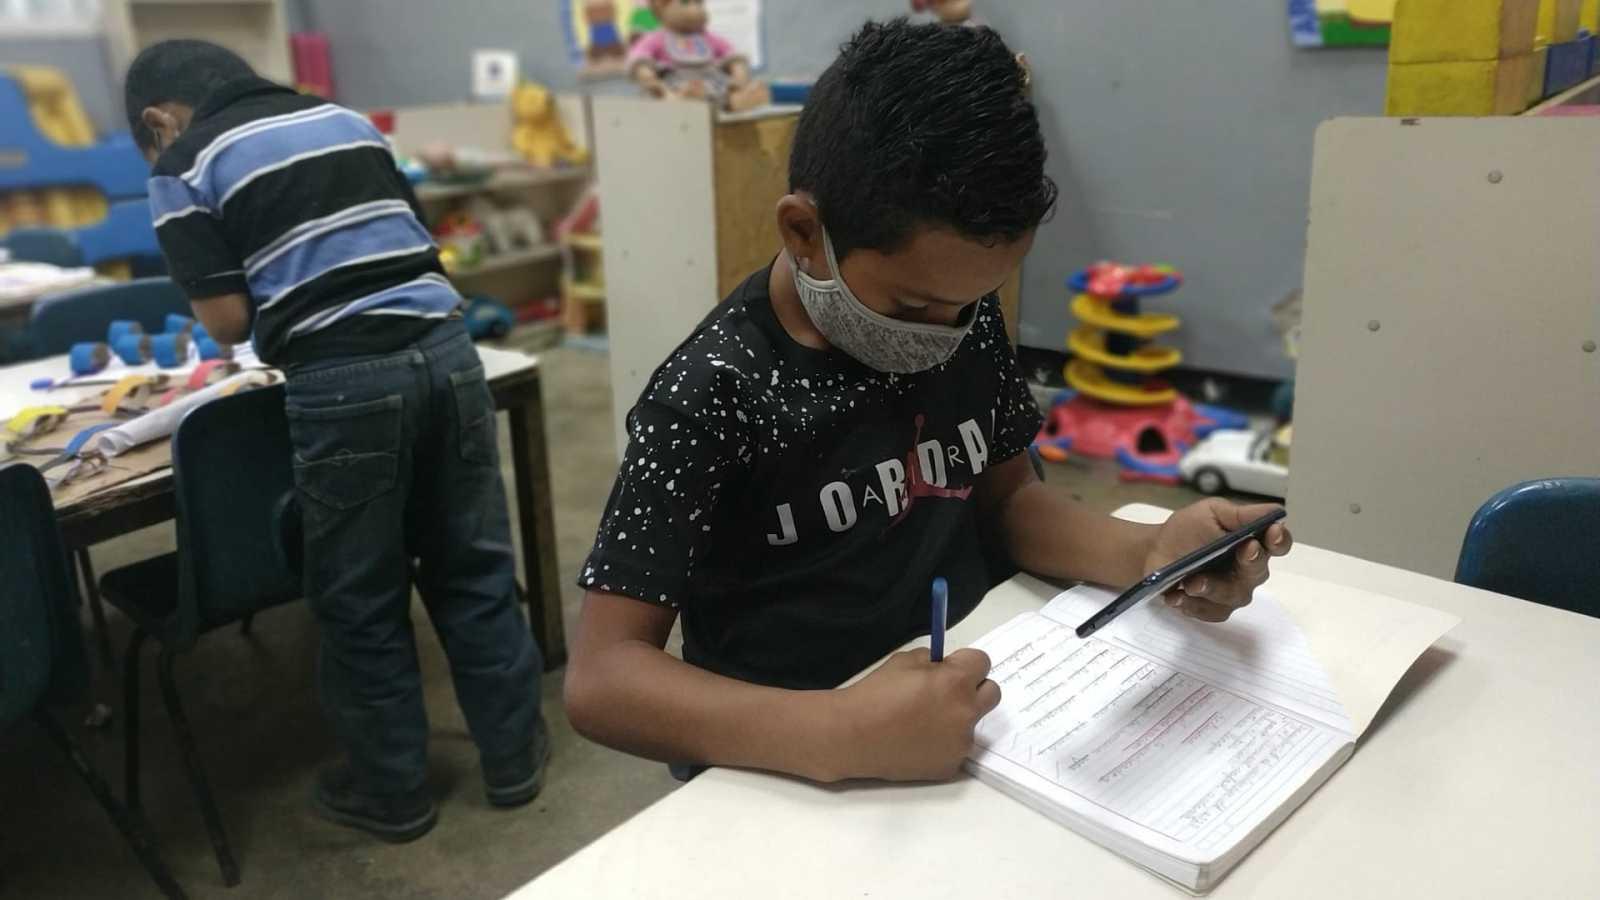 Reportajes 5 Continentes - Aprender en Venezuela en tiempos de pandemia - Escuchar ahora